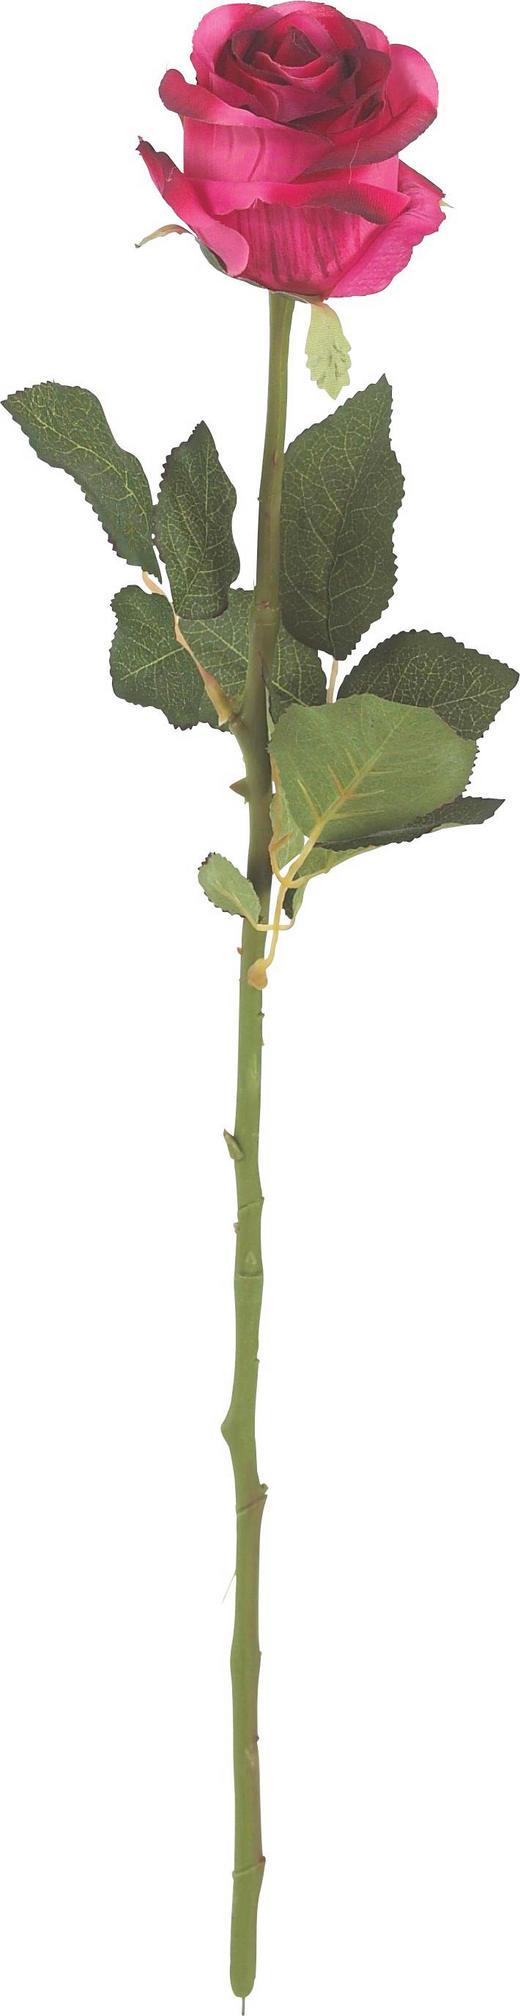 KONSTGJORD BLOMMA - röd/grön, Basics, textil/plast (55cm)